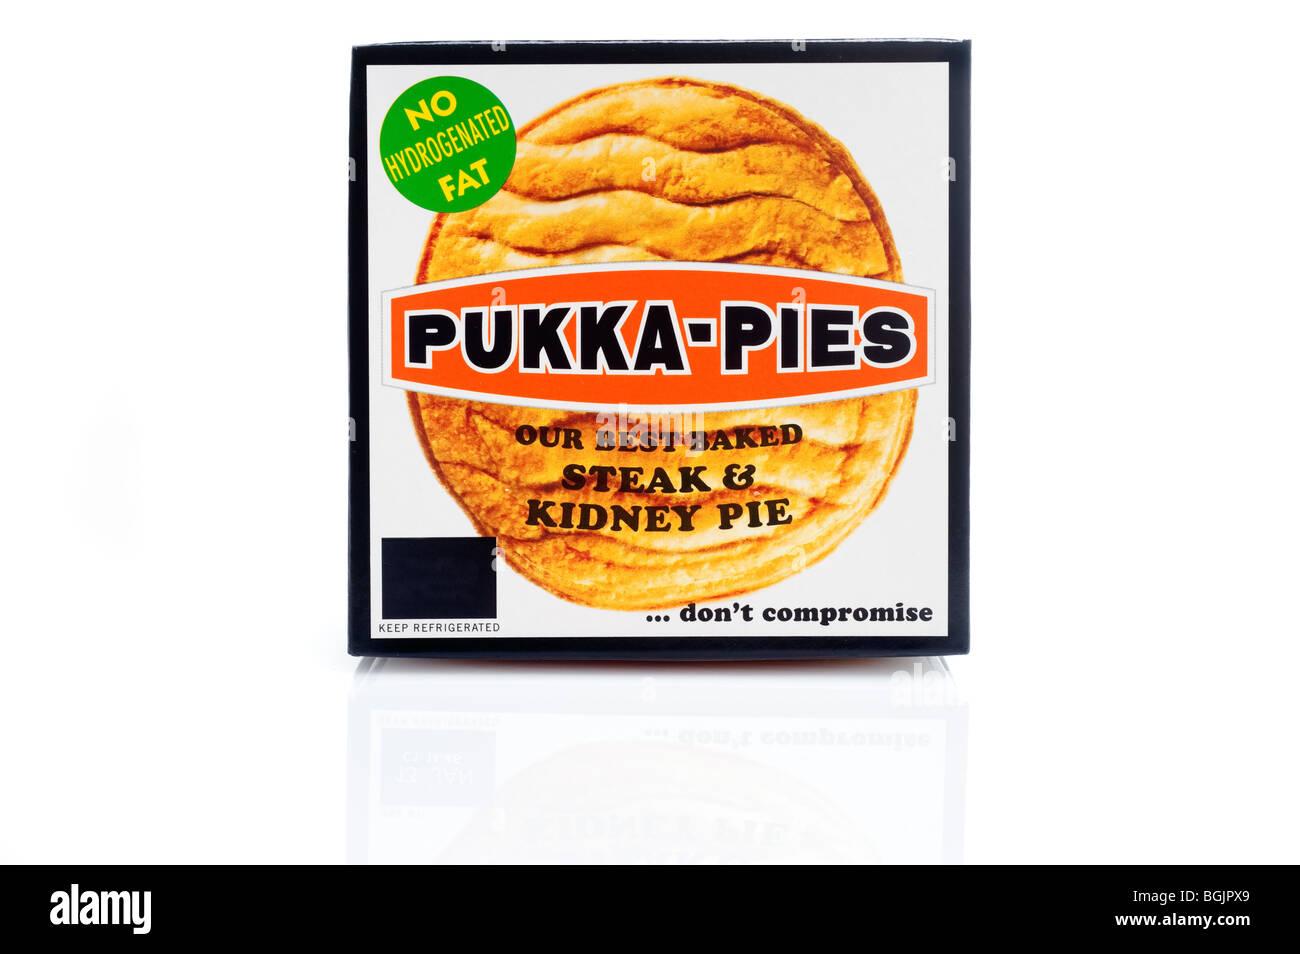 Pukka steak and kidney pie - Stock Image